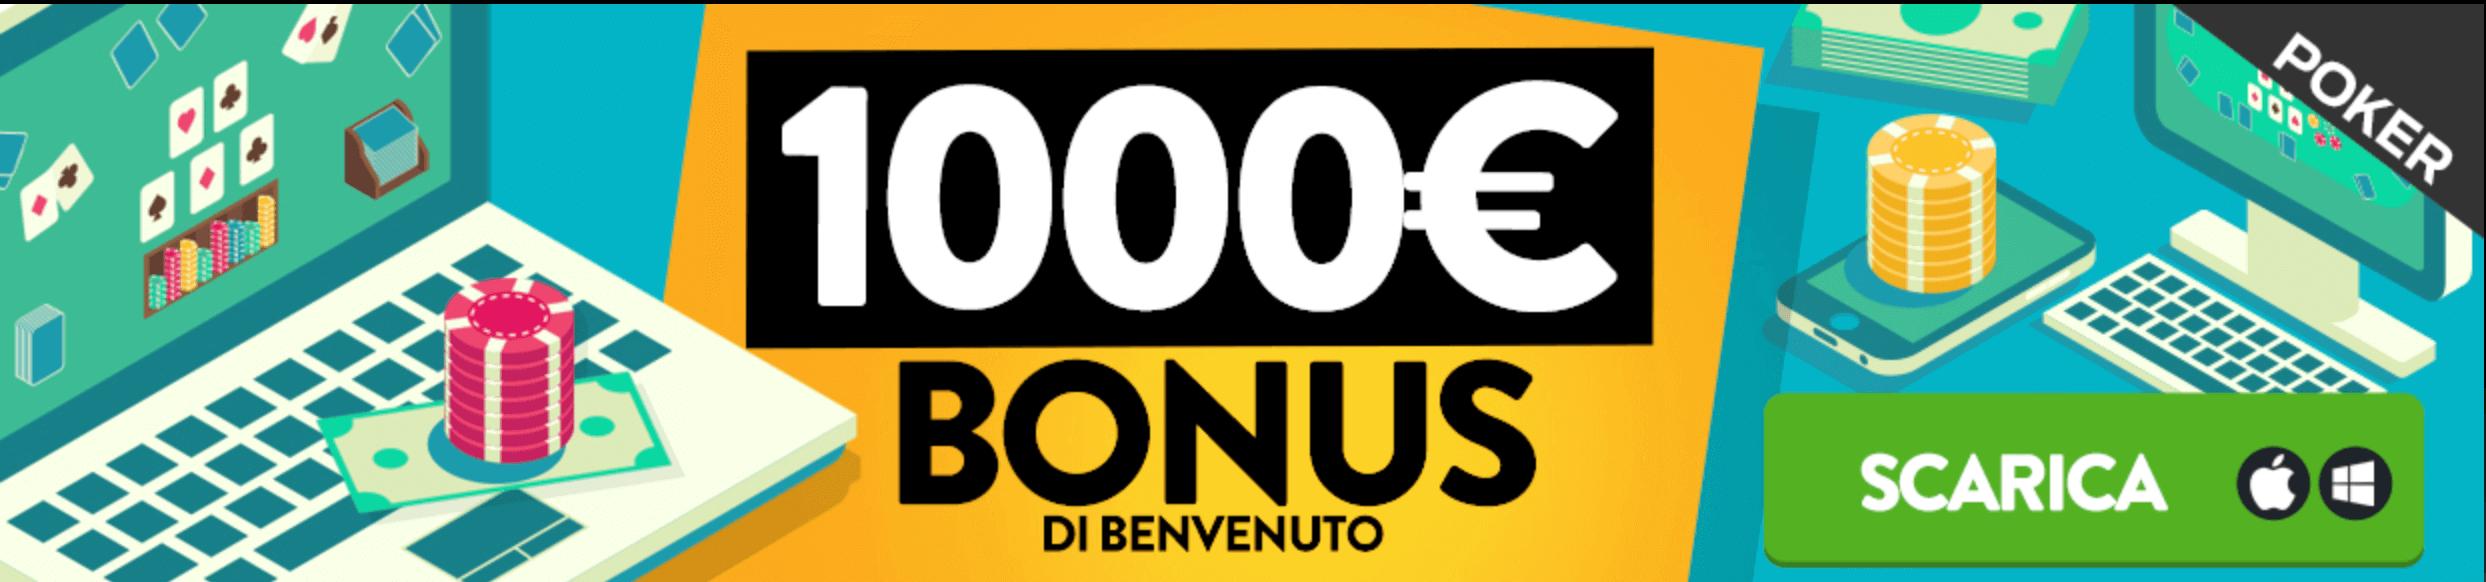 planetwin365 poker bonus benvenuto